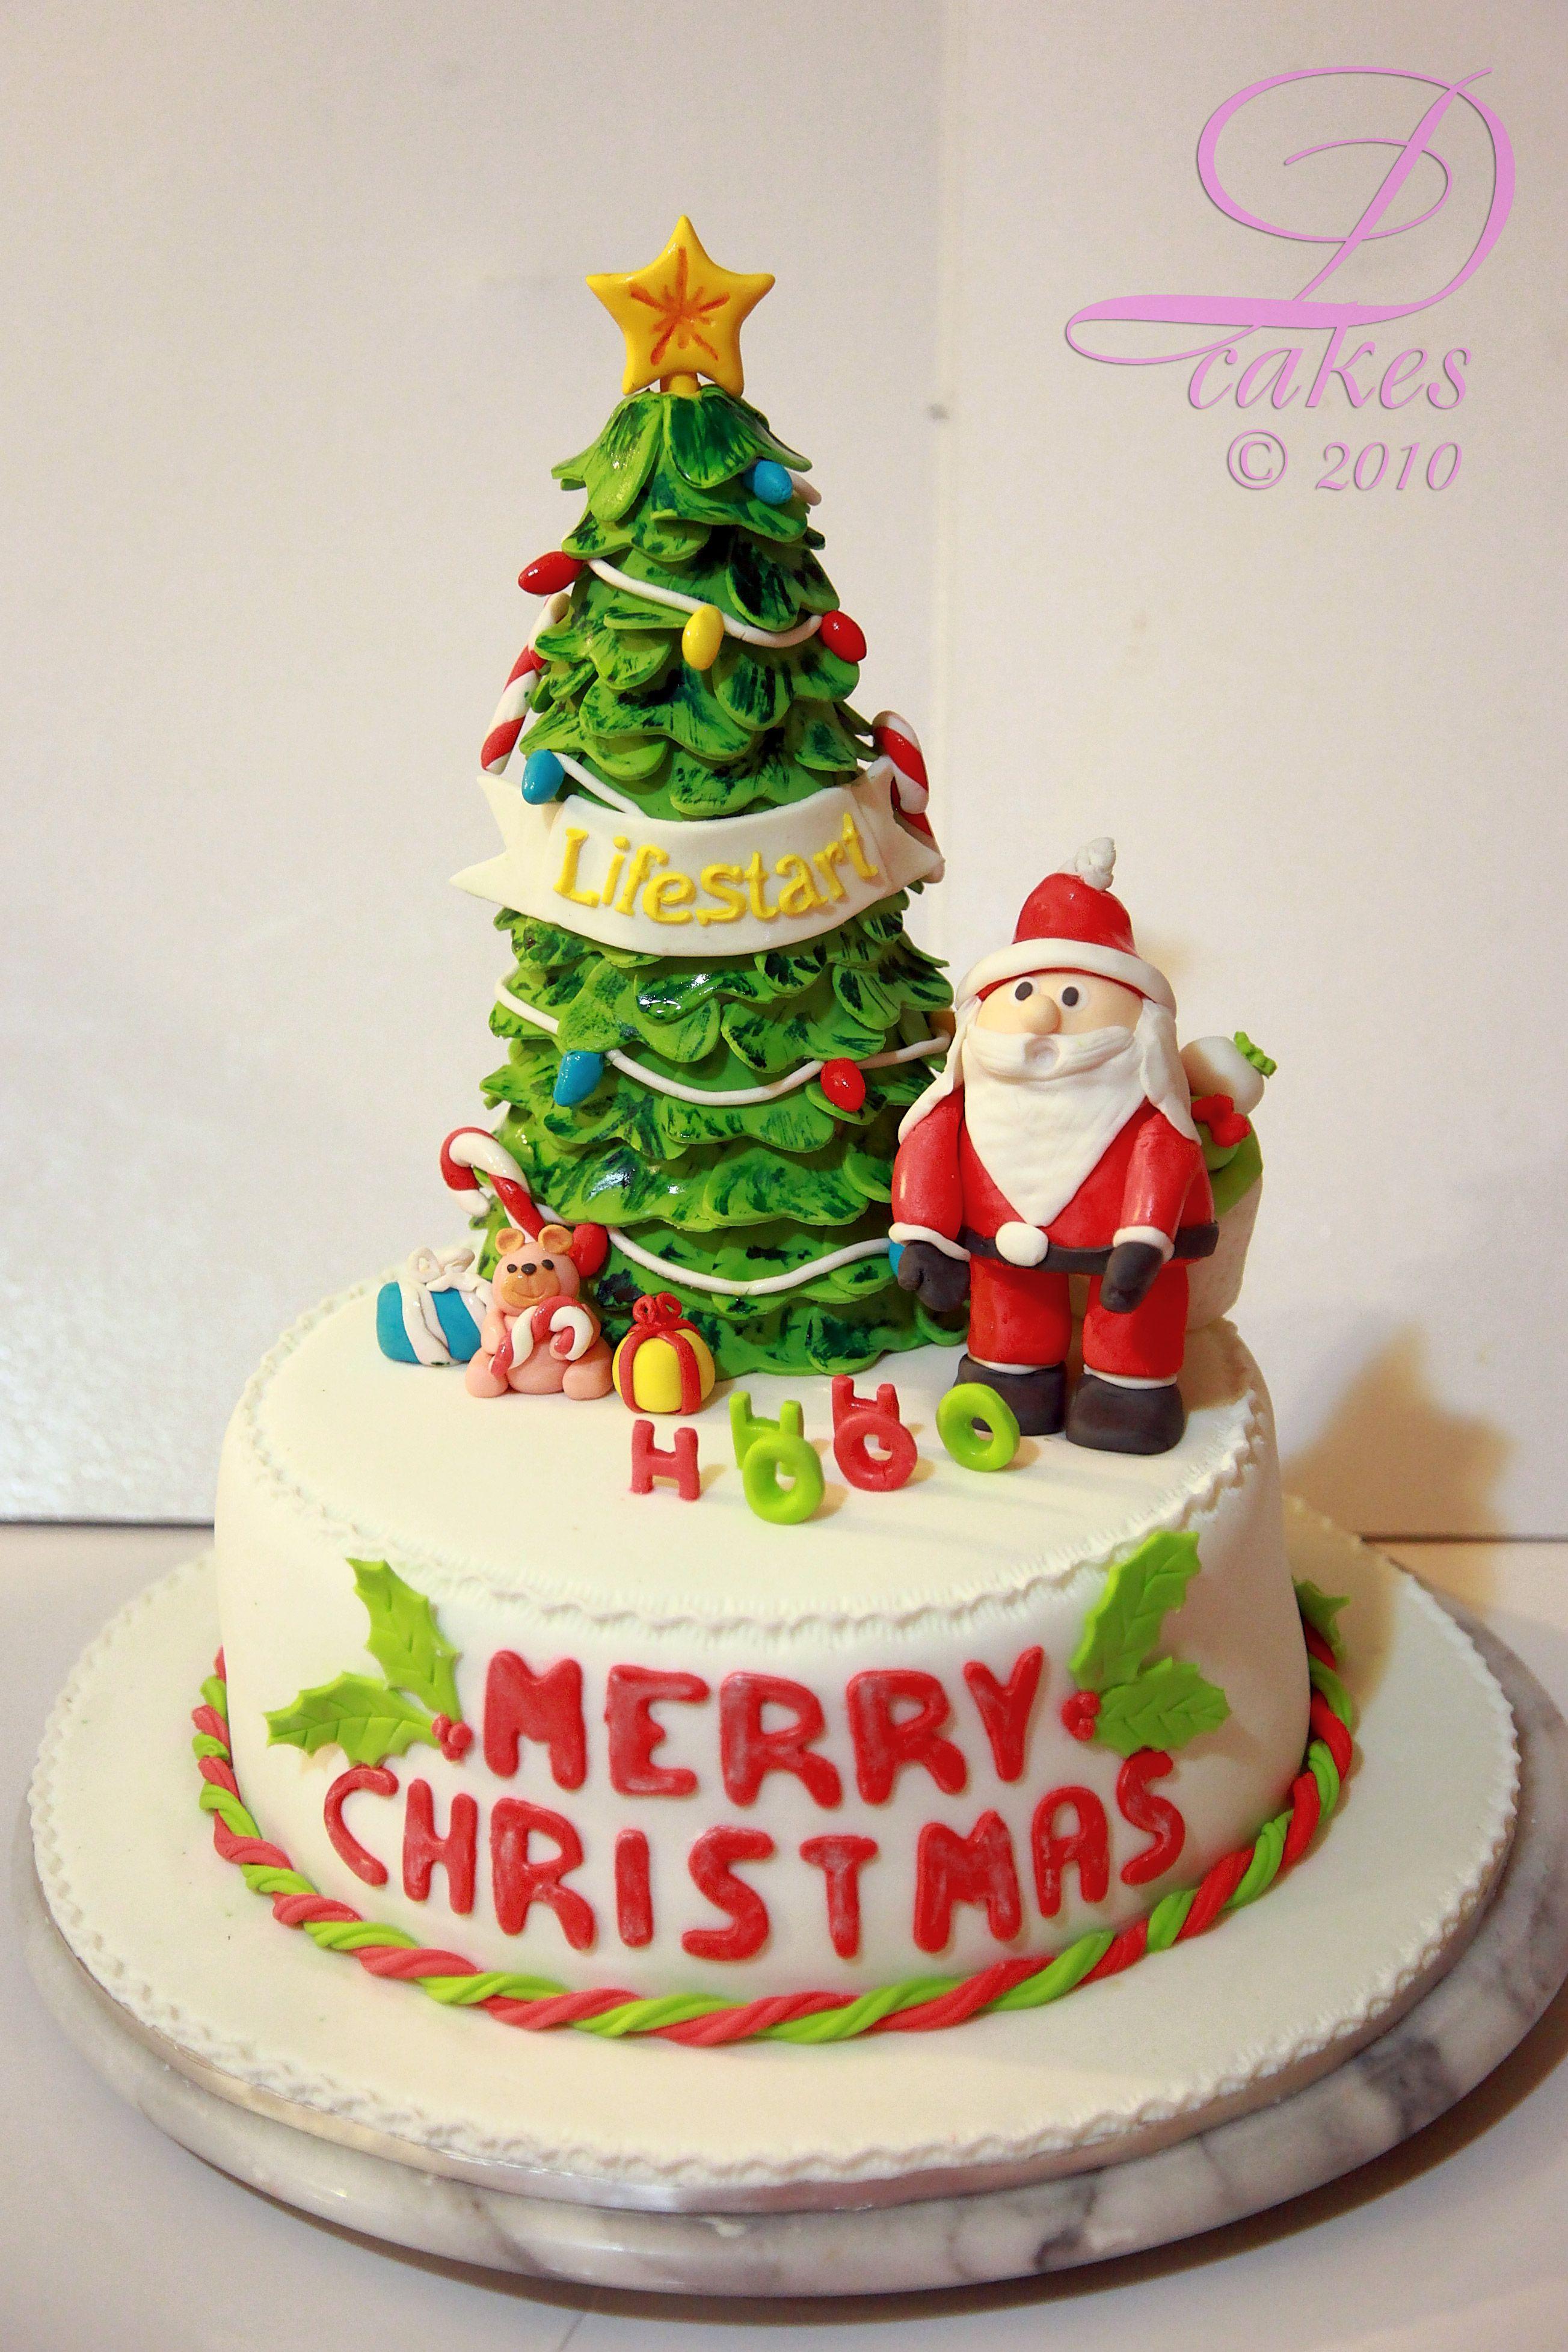 Christmas Tree And Santa Fondant Cake All Fondant Cake With Christmas Tree And Santa Christmas Tree Cake Cake Christmas Tree And Santa